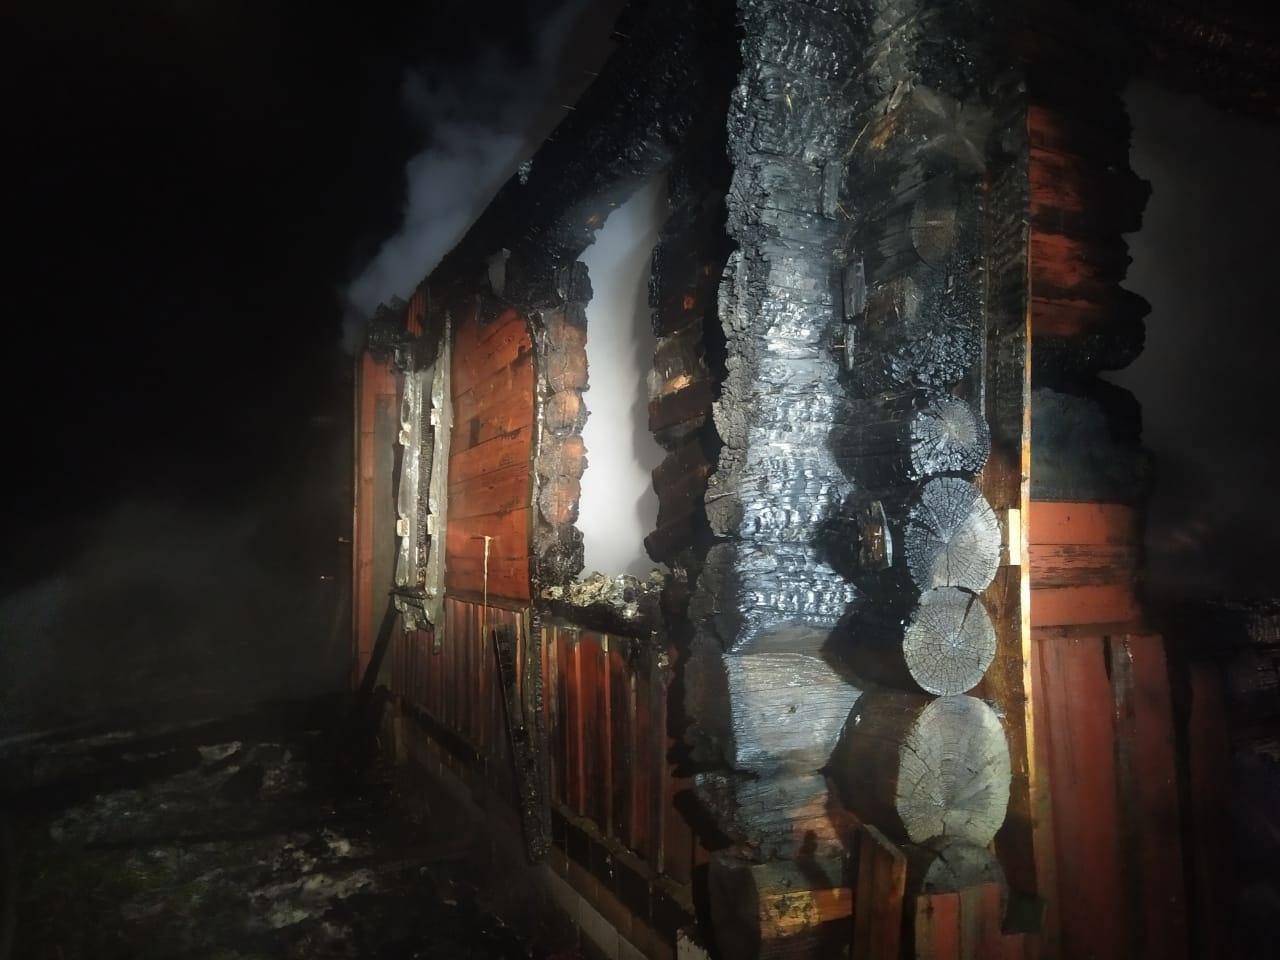 Пожар в жилом доме в городском округе Клин